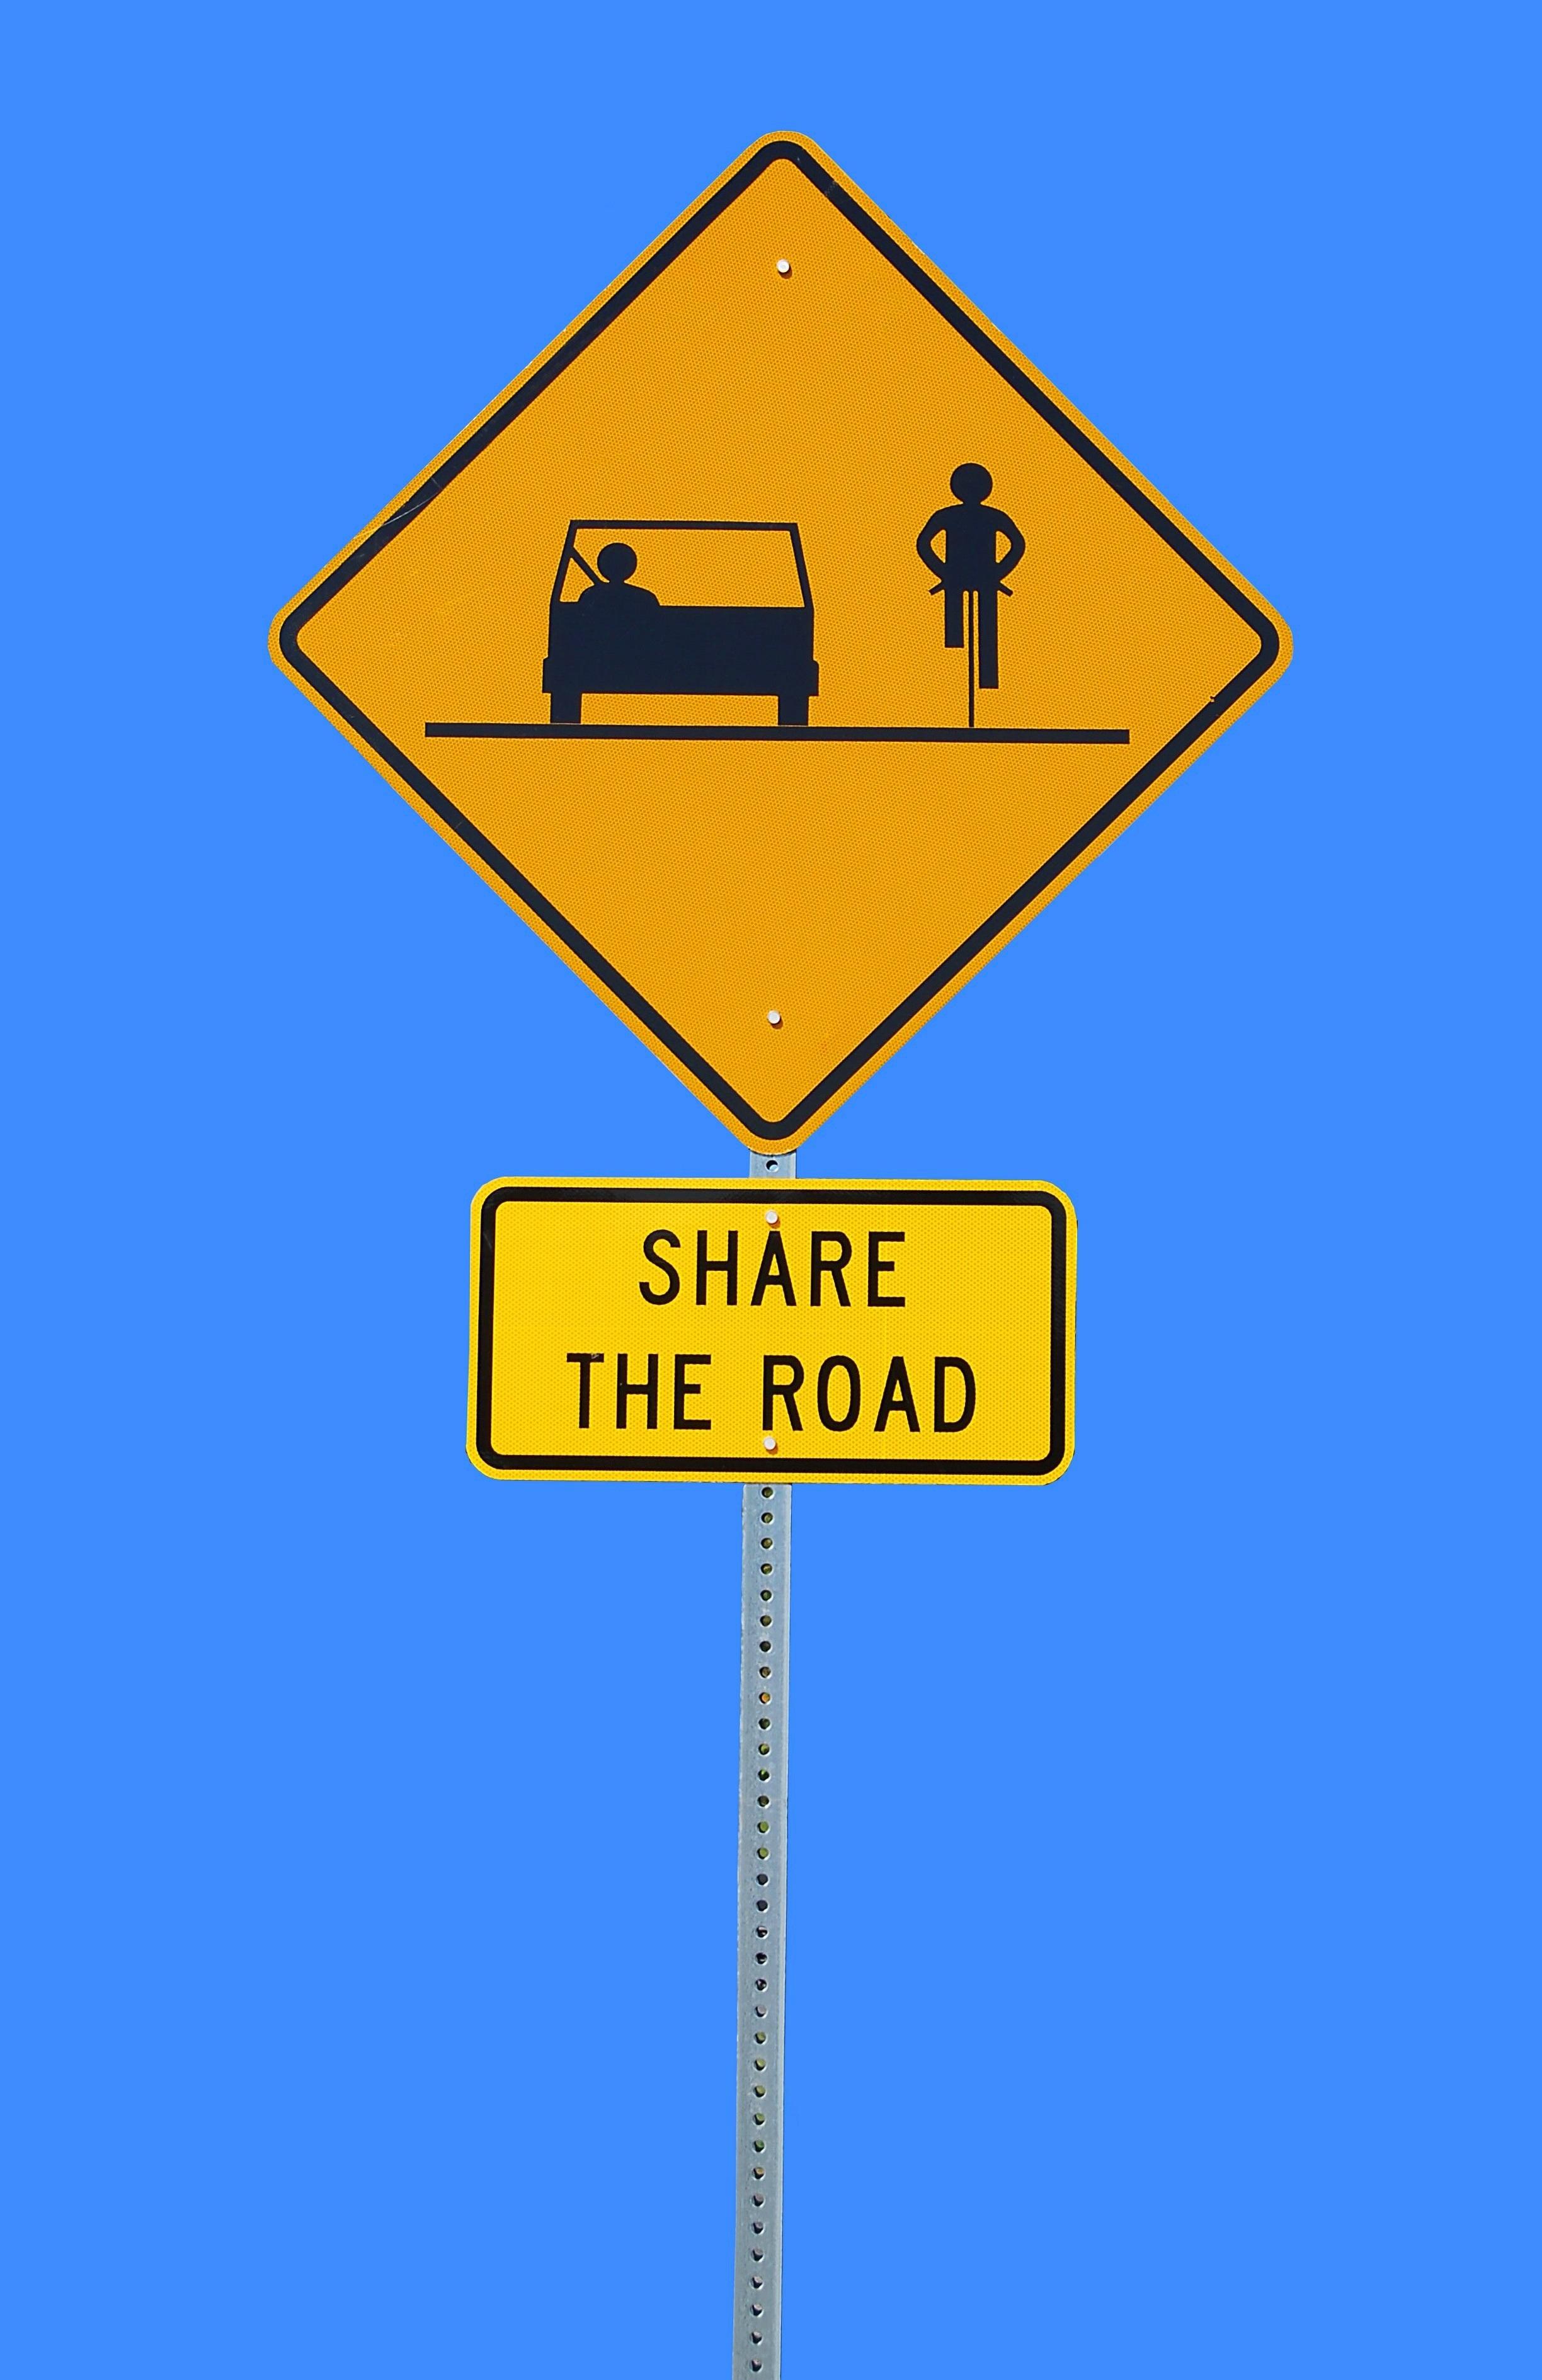 Free images word automobile bike isolated line roadsign word road street automobile bike isolated sign line roadsign symbol blue street sign signage font background buycottarizona Images